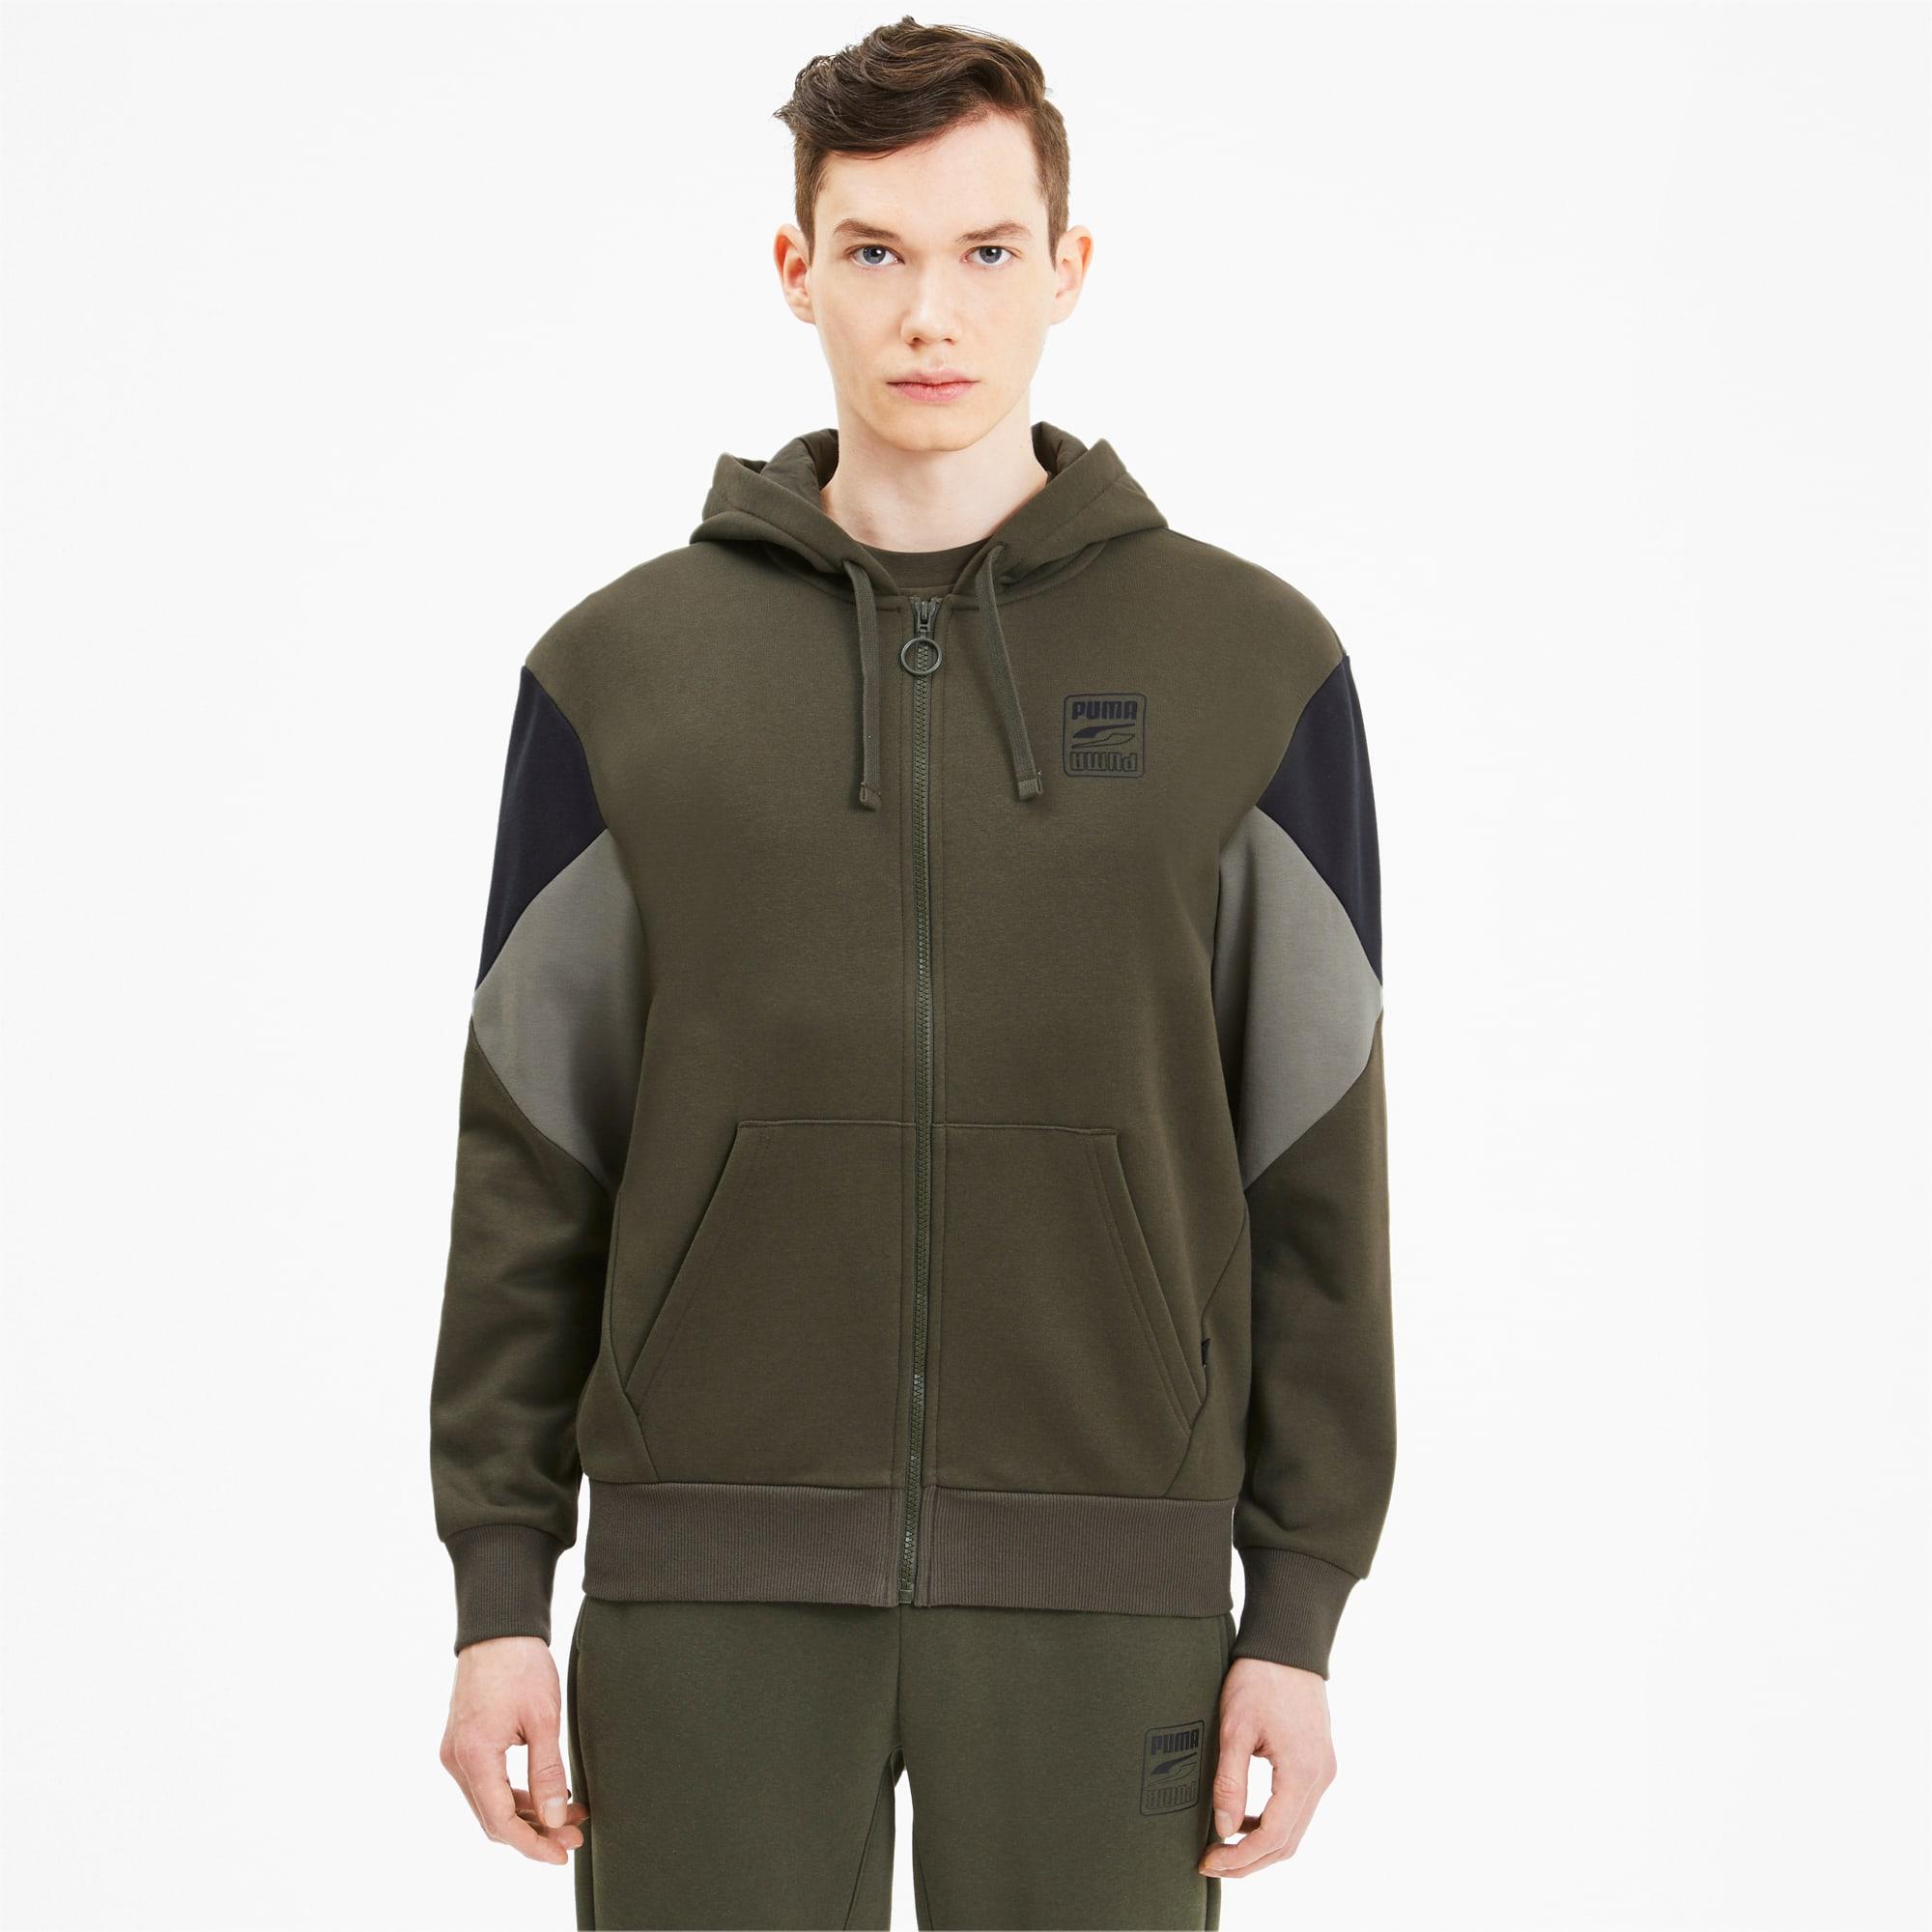 blouson en sweat rebel avec capuche pour homme, vert, taille m, vêtements